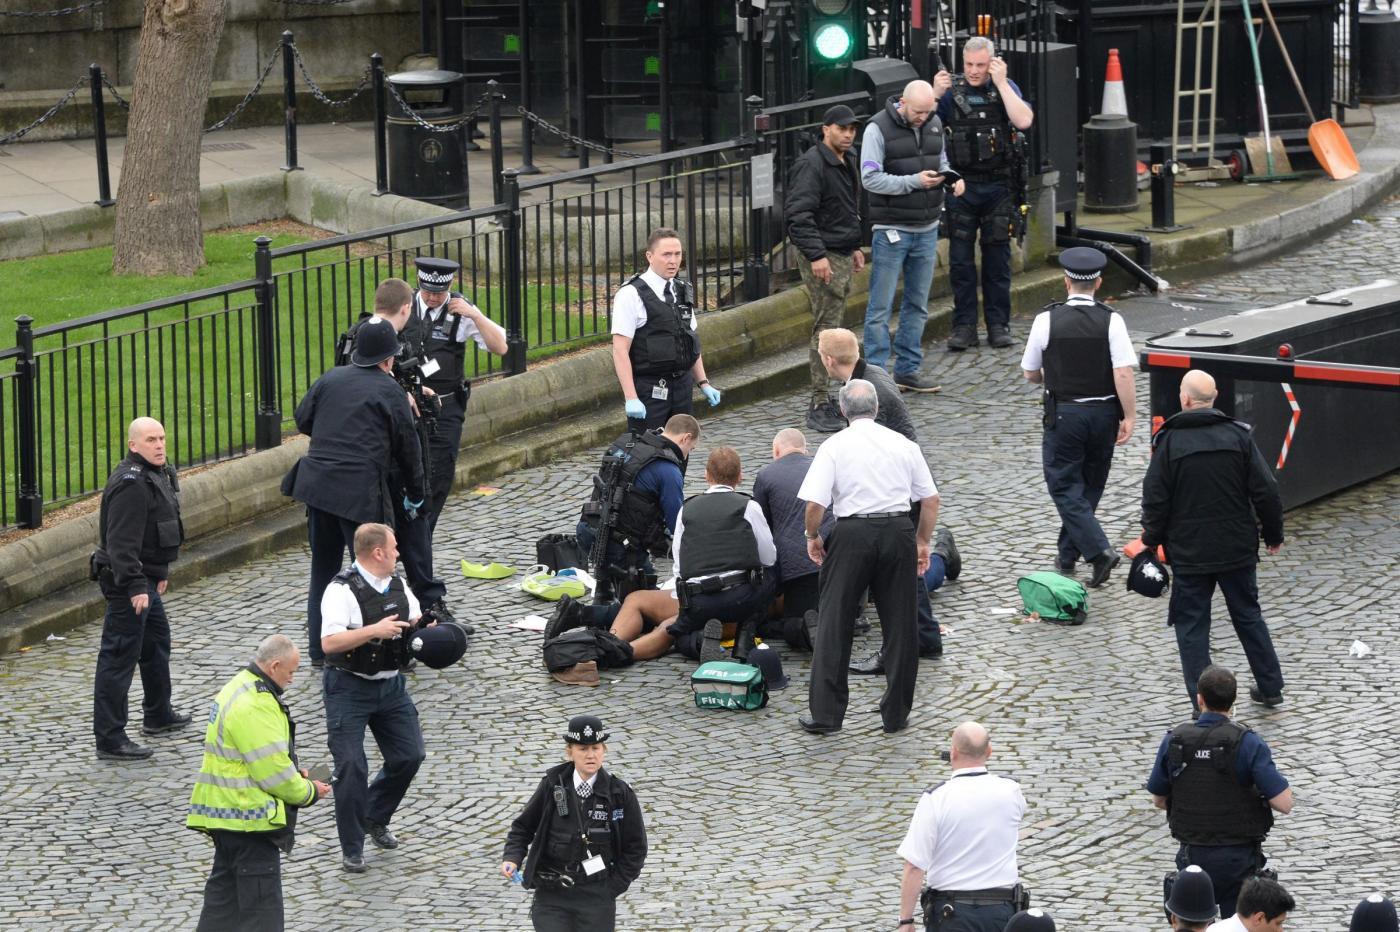 Attentato a Londra: l'assalitore è Adrian Russell Ajao, alias Khalid Masood